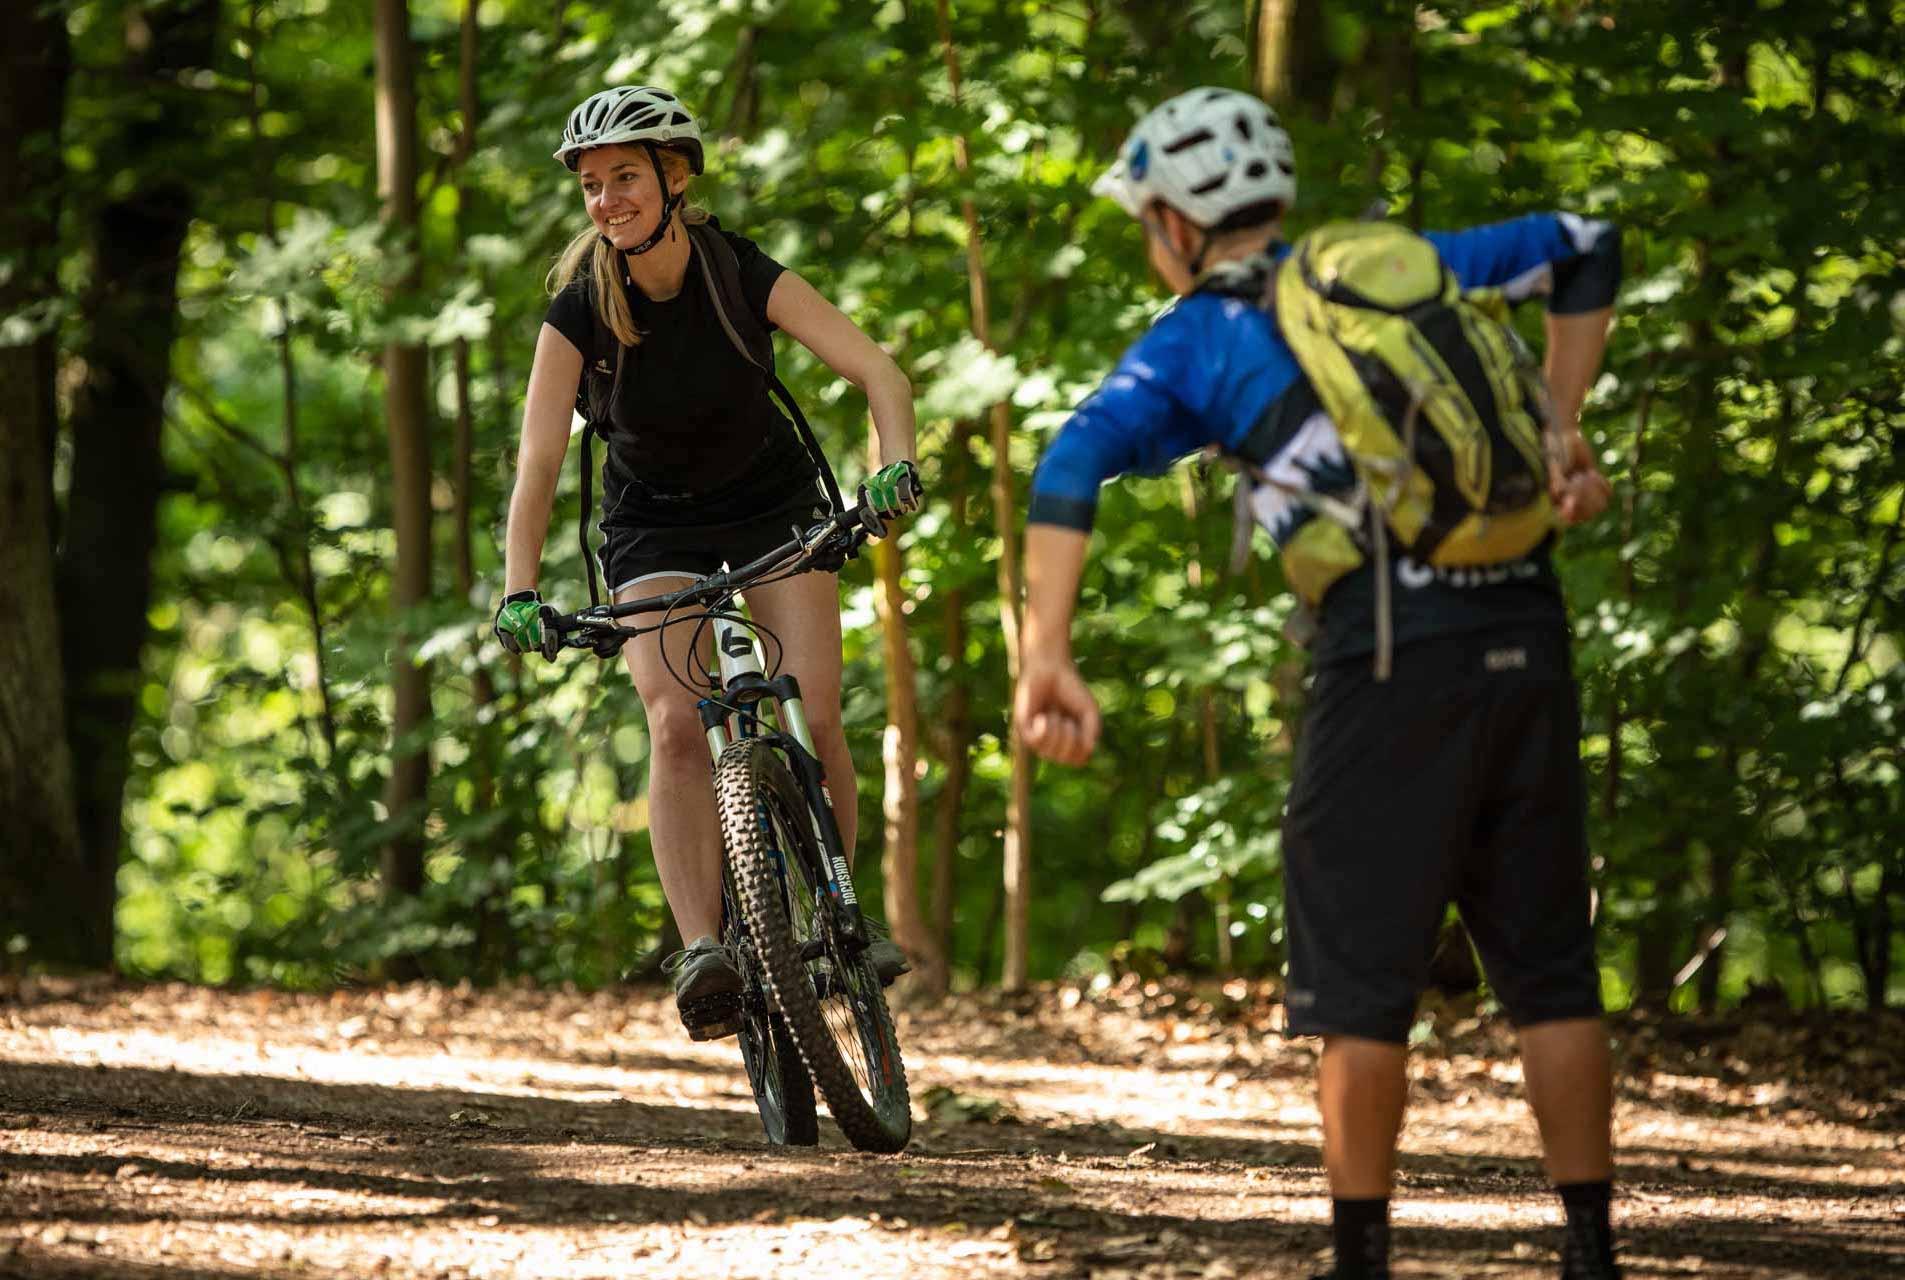 MTB Fahrtechnik Kurs für Einsteiger in Witten - Ruhrgebiet - Mountainbike Basic Ruhrgebit Trail Anfänger - Rock my Trail Bikeschule GmbH - 5